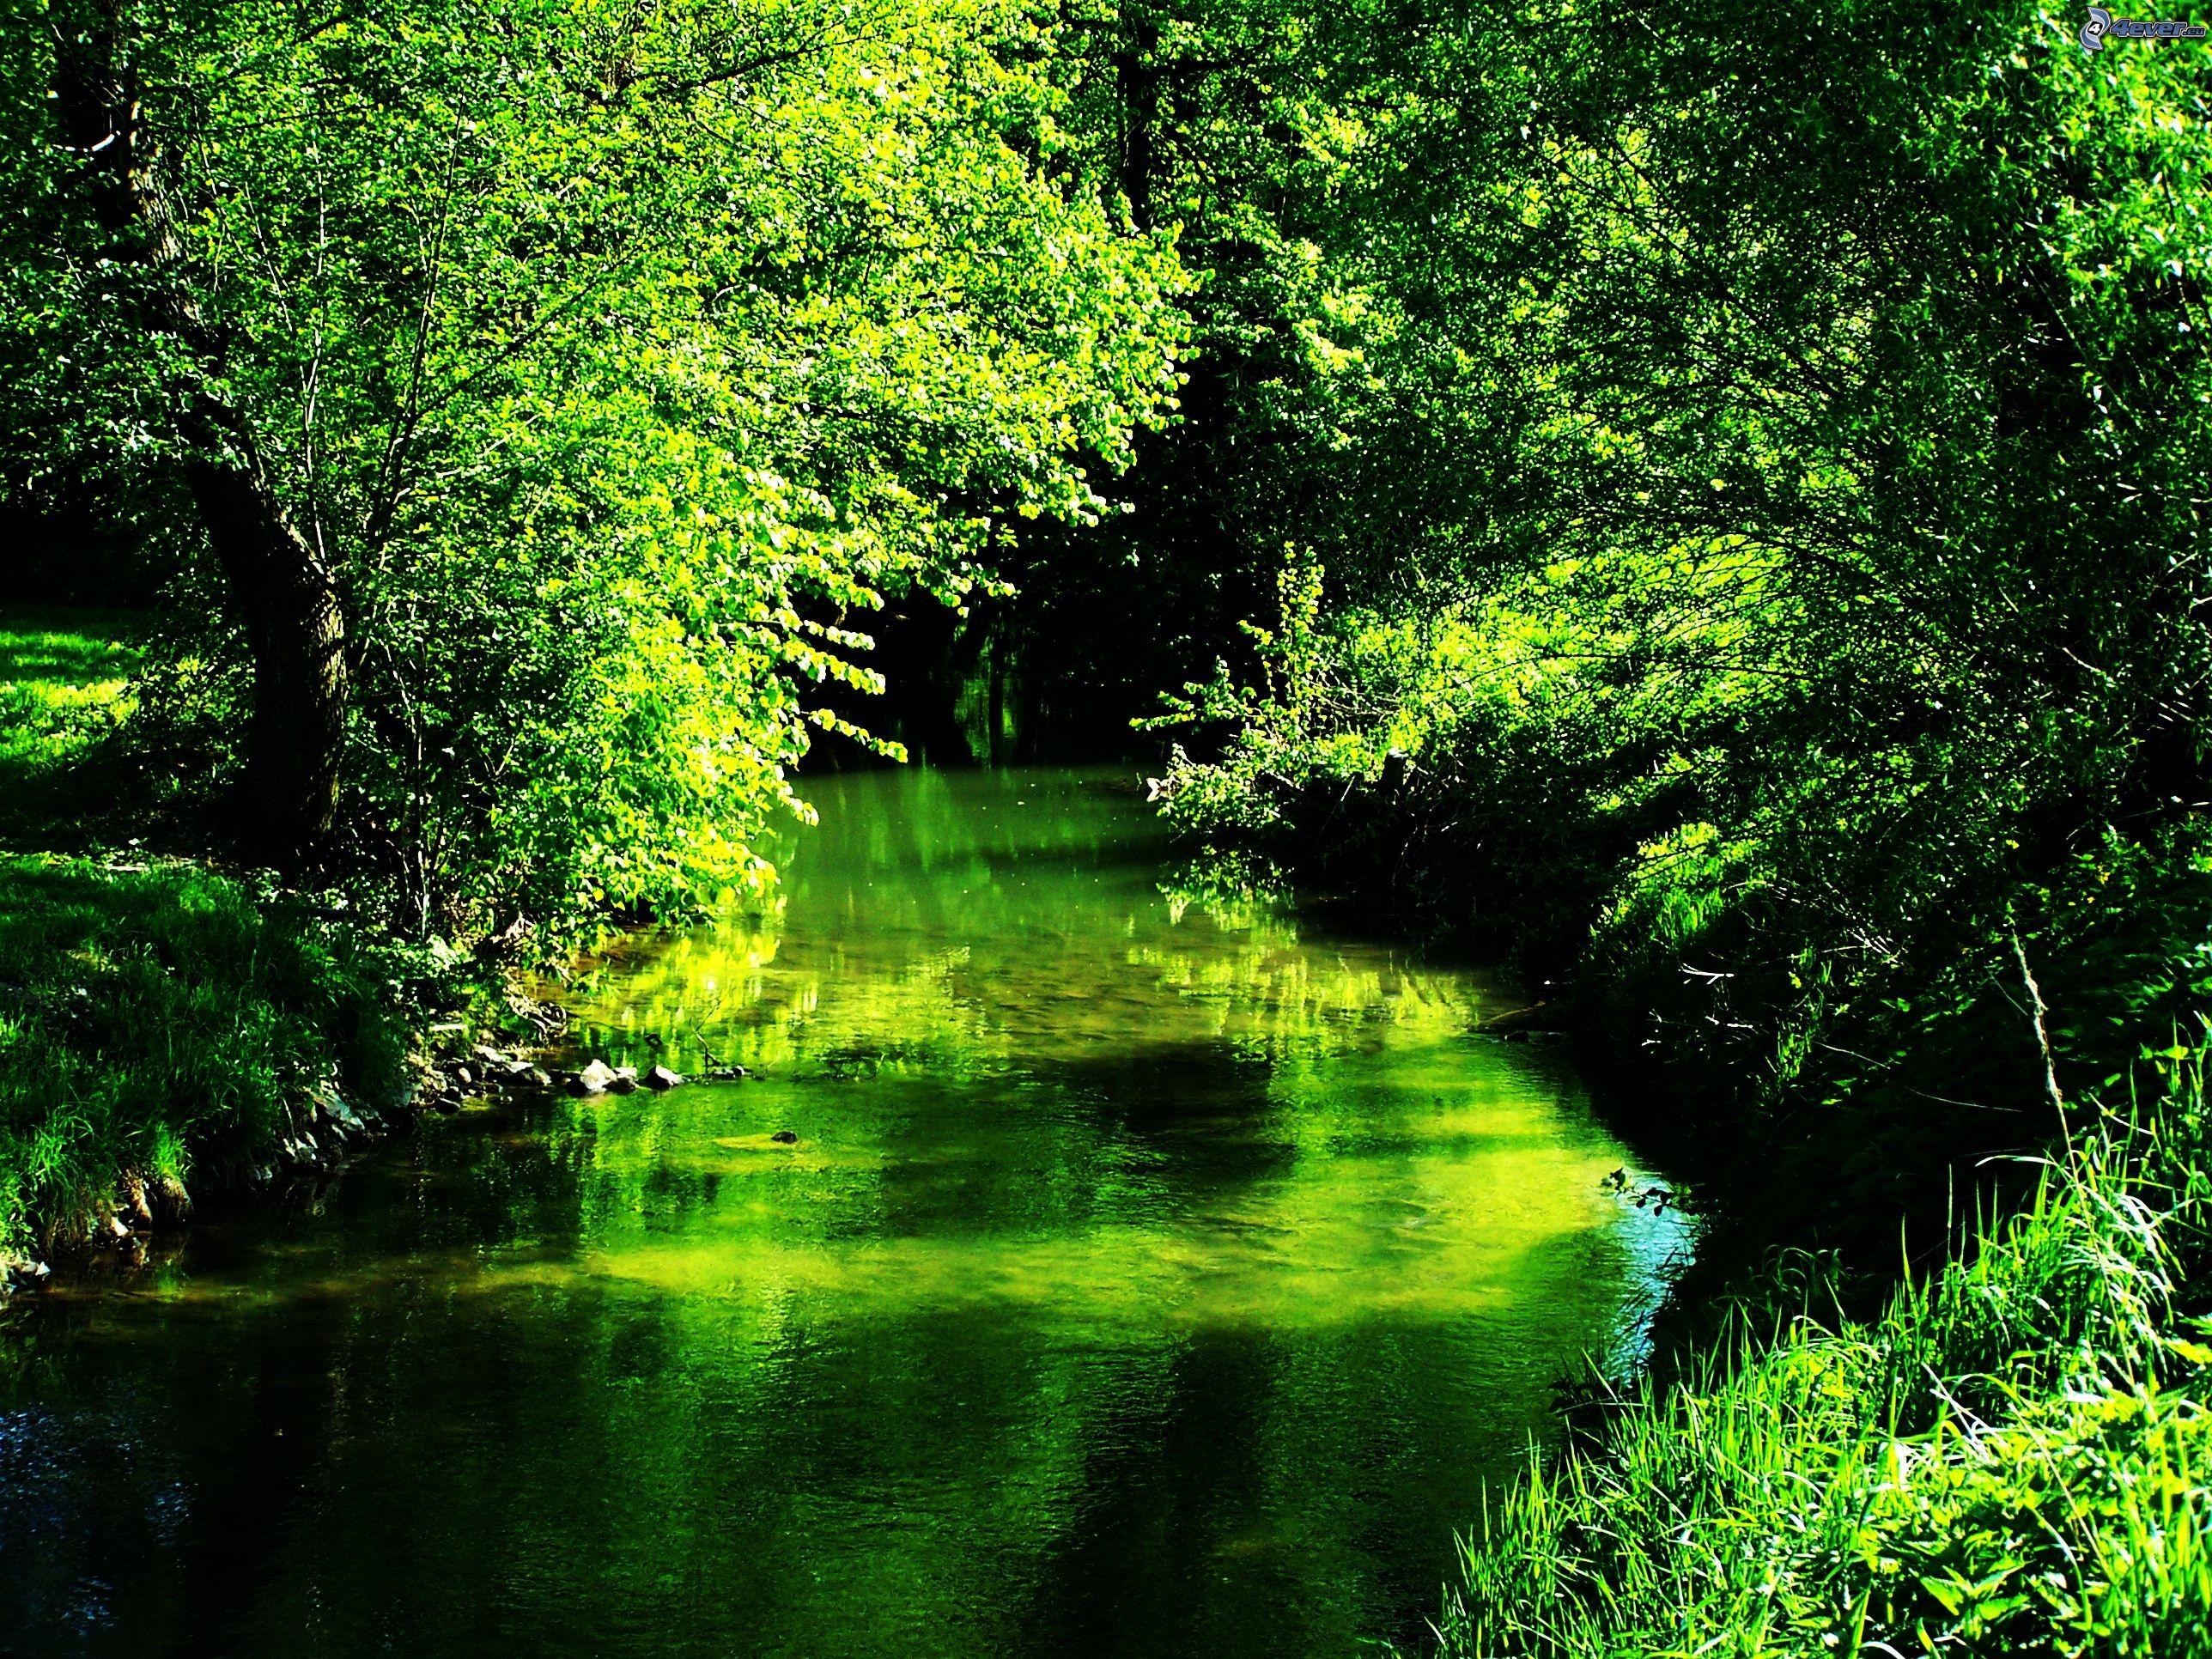 Naturaleza verde for Immagini natura hd